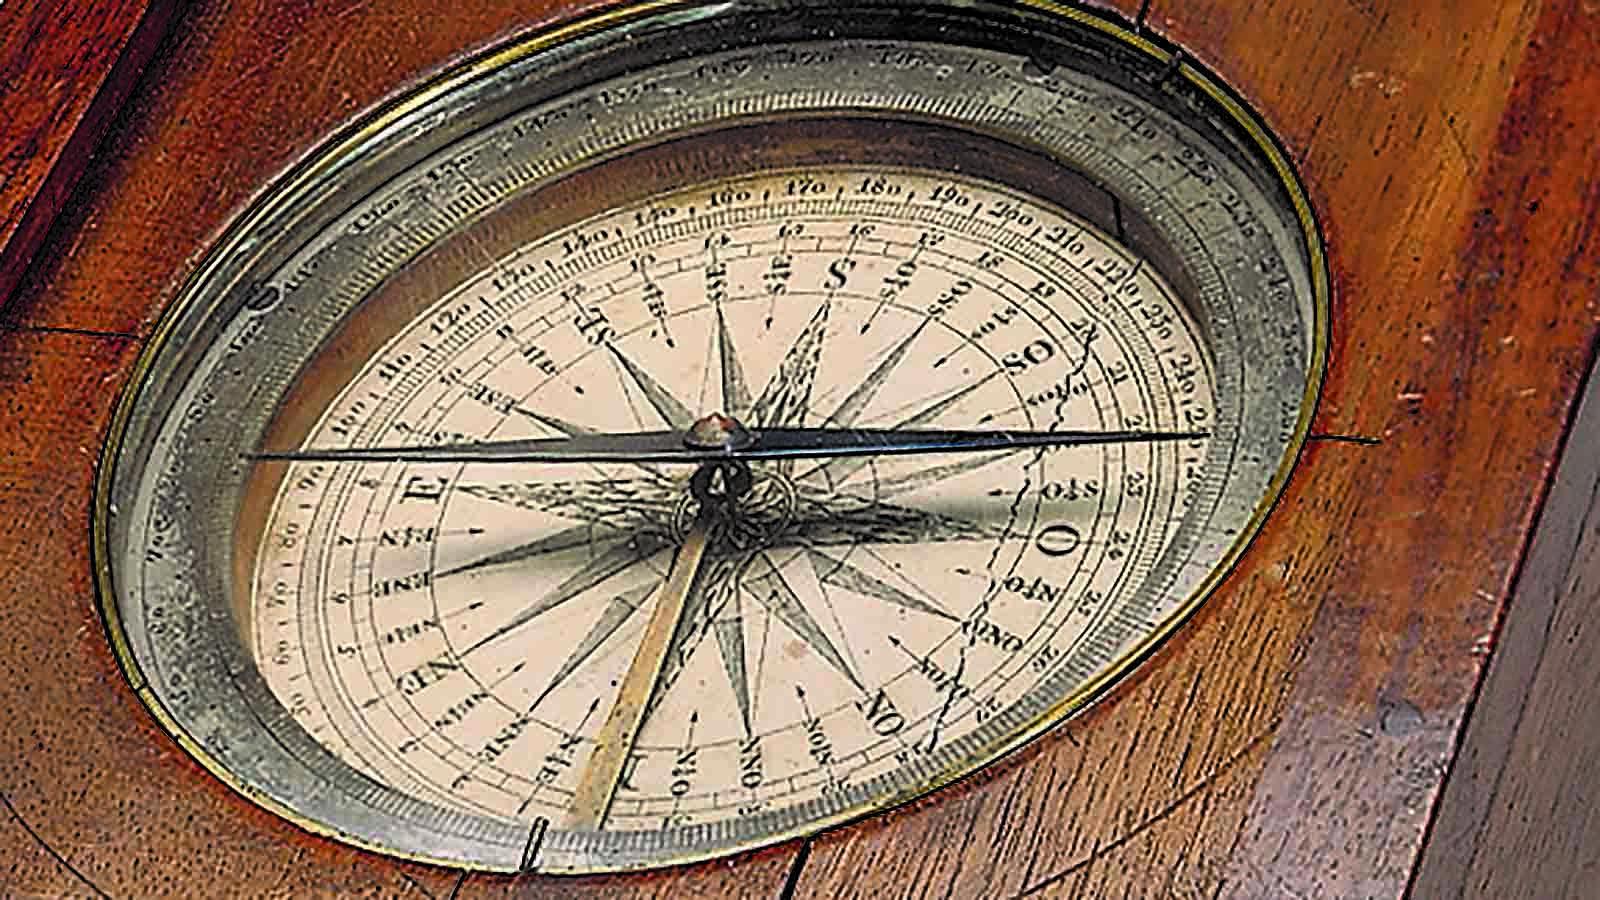 C3 - De la estrella Polar al GPS: una historia de la Navegación